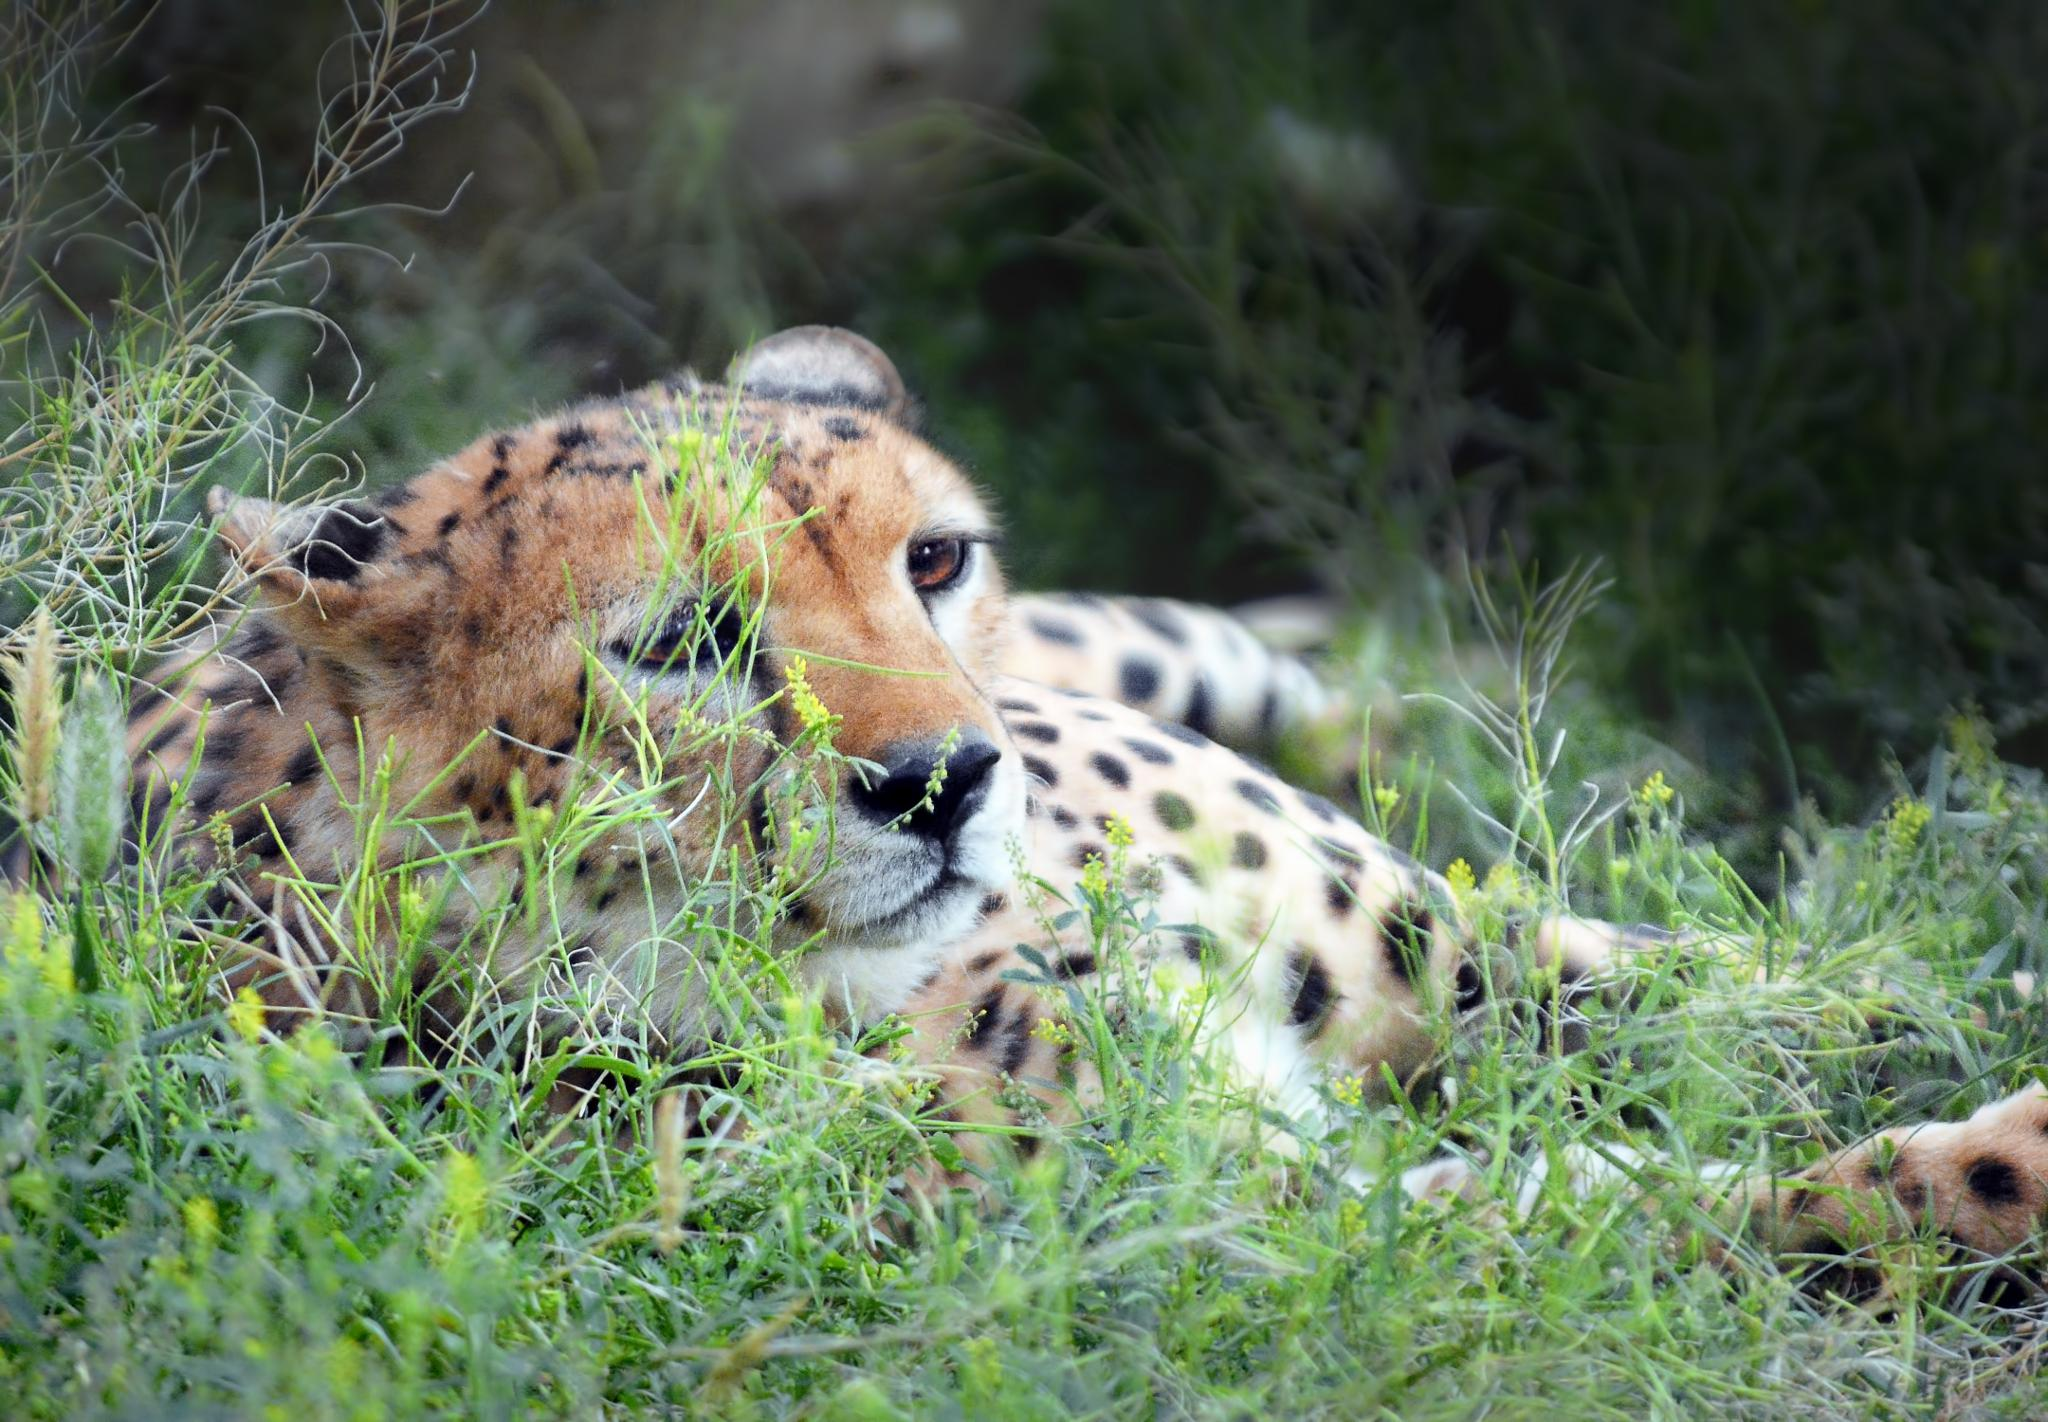 Relaxing Cheetah by Ibrahim.Najjar